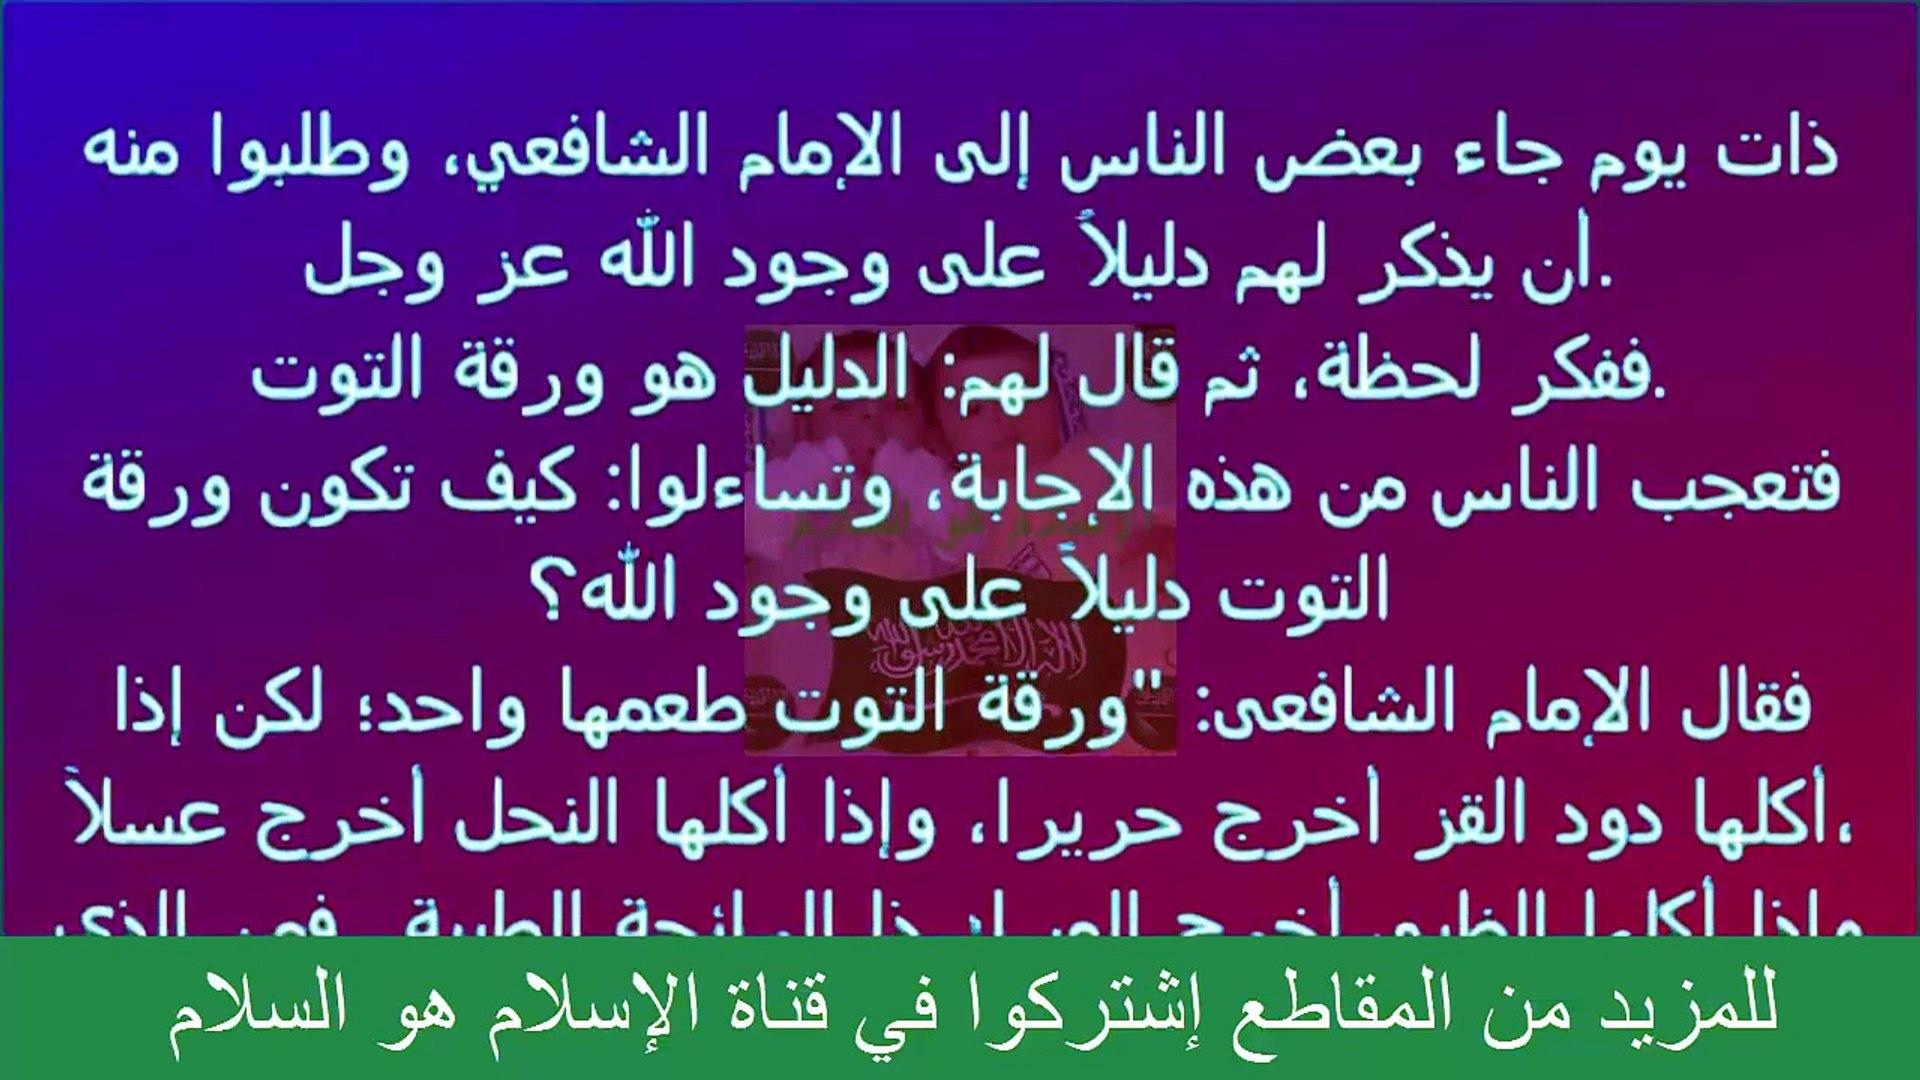 ورقة التوت دليل على وجود الله كيف  الإجابة داخل الفيديو#الاسلام#